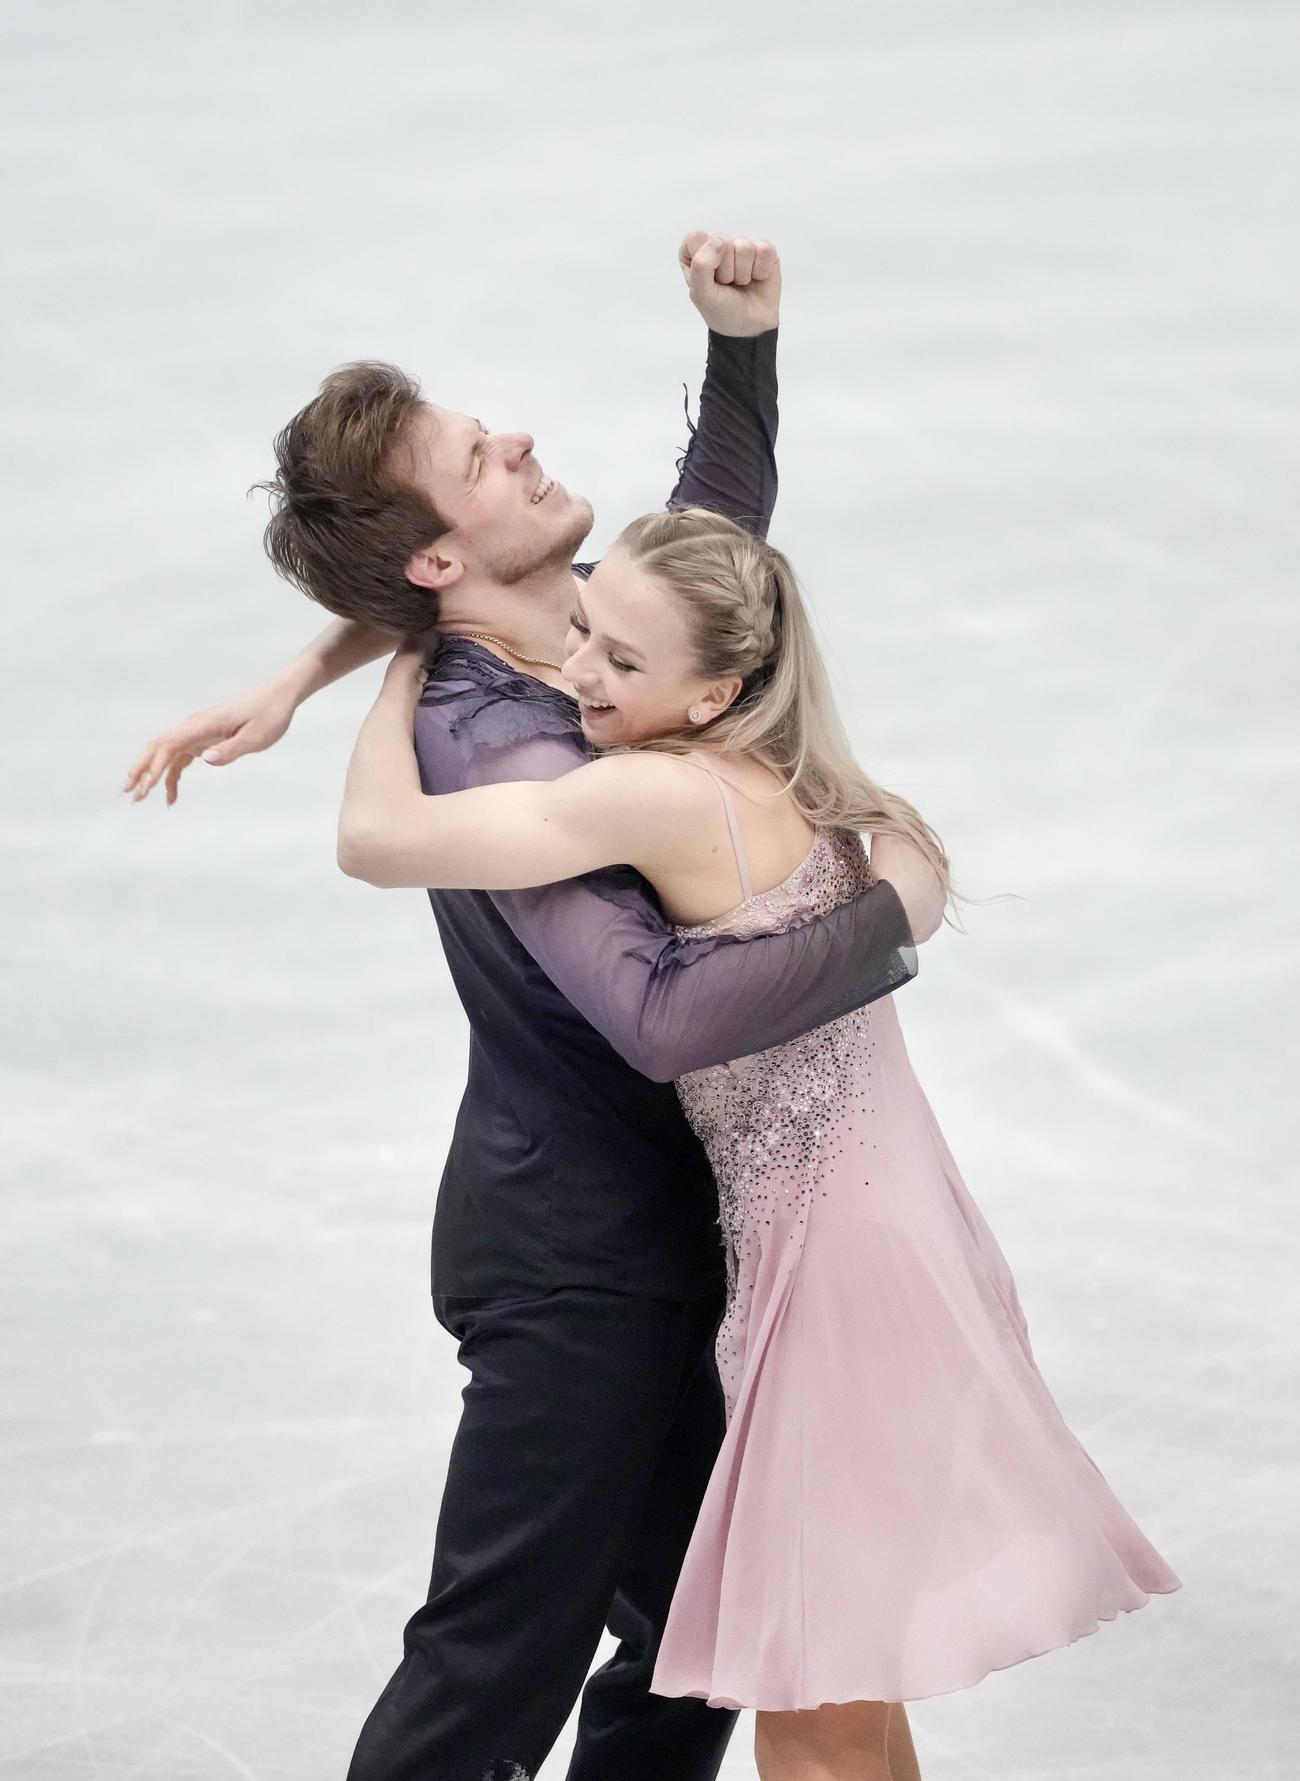 アイスダンス・フリー 演技を終え喜ぶビクトリア・シニツィナ(右)、ニキータ・カツァラポフ組(代表撮影)